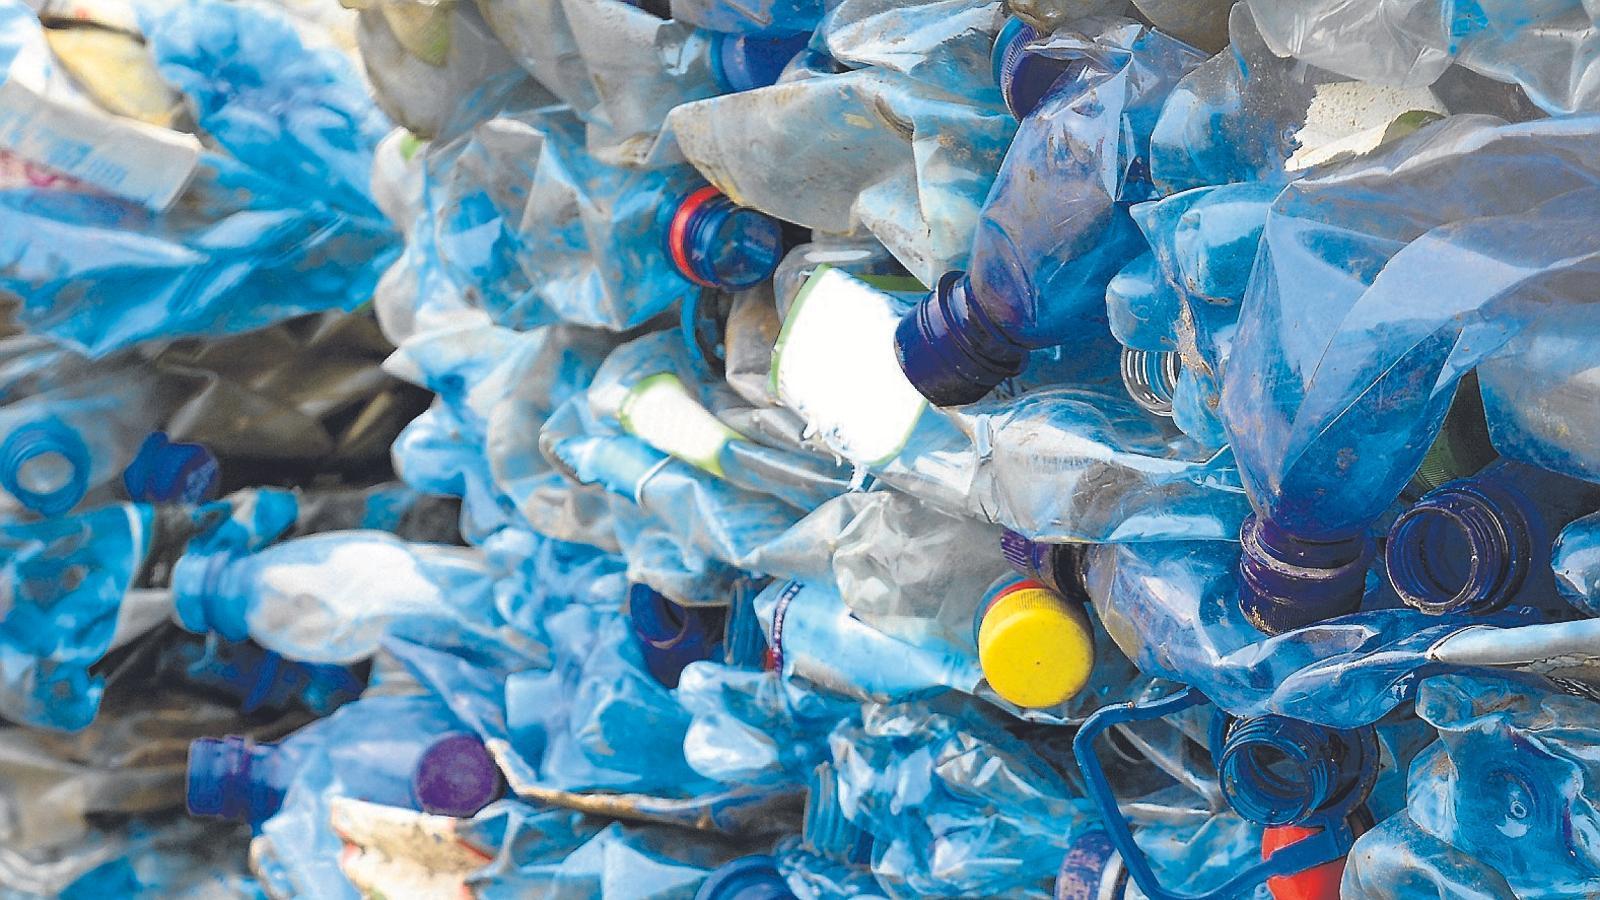 Cada illenc produeix a l'any 763 kg de residus i la majoria no es reciclen